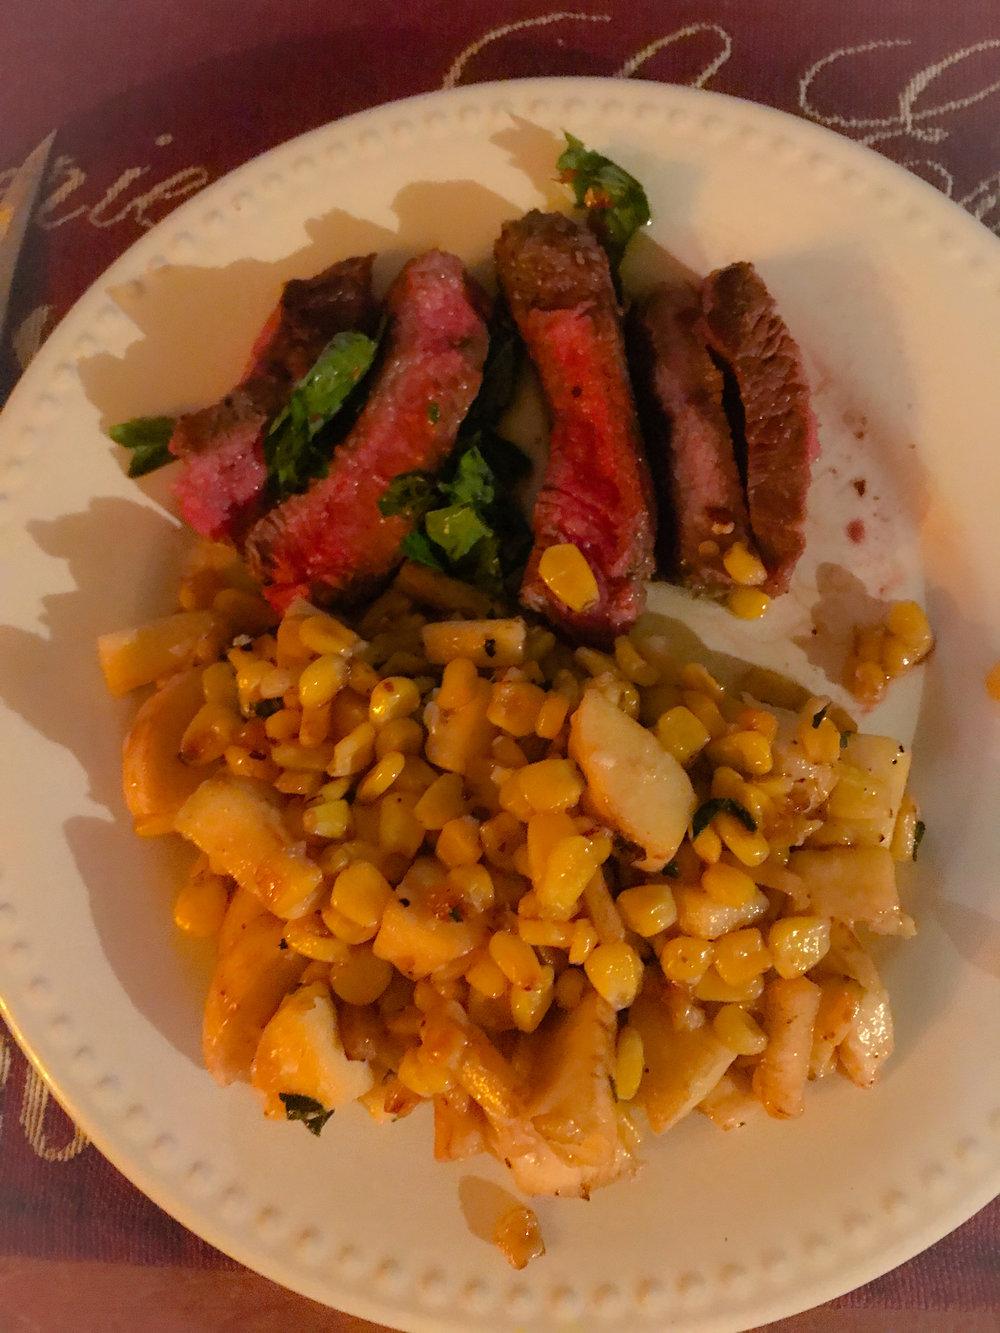 Seared Steak with Italian Street Corn